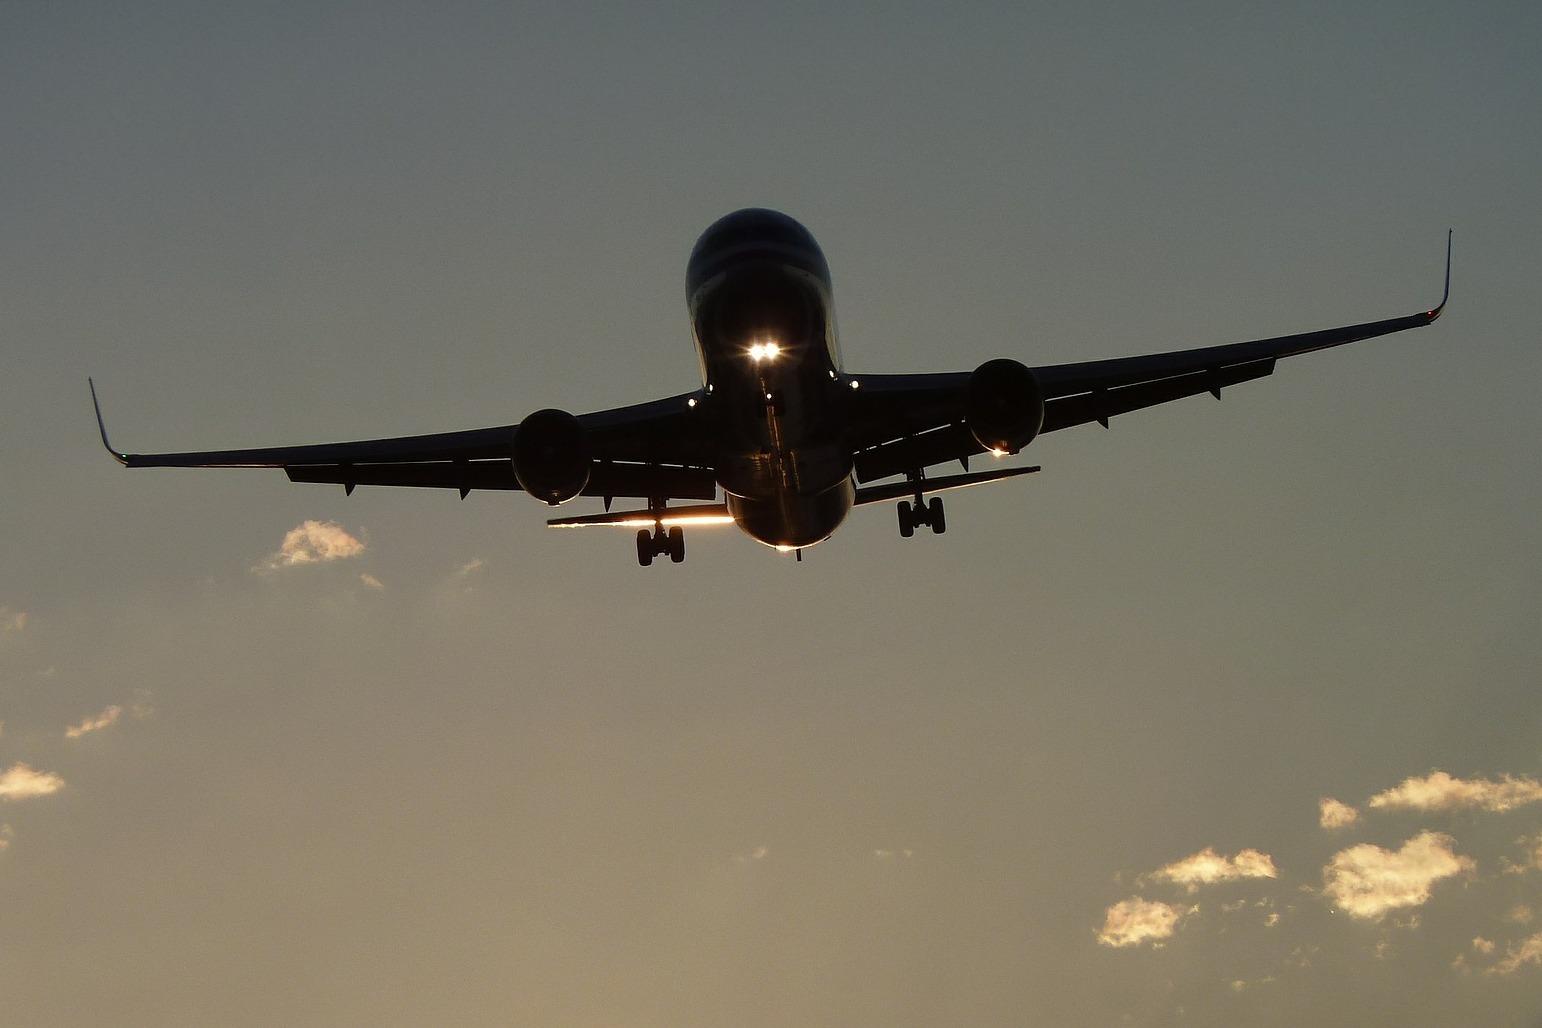 Самолет идёт на посадку